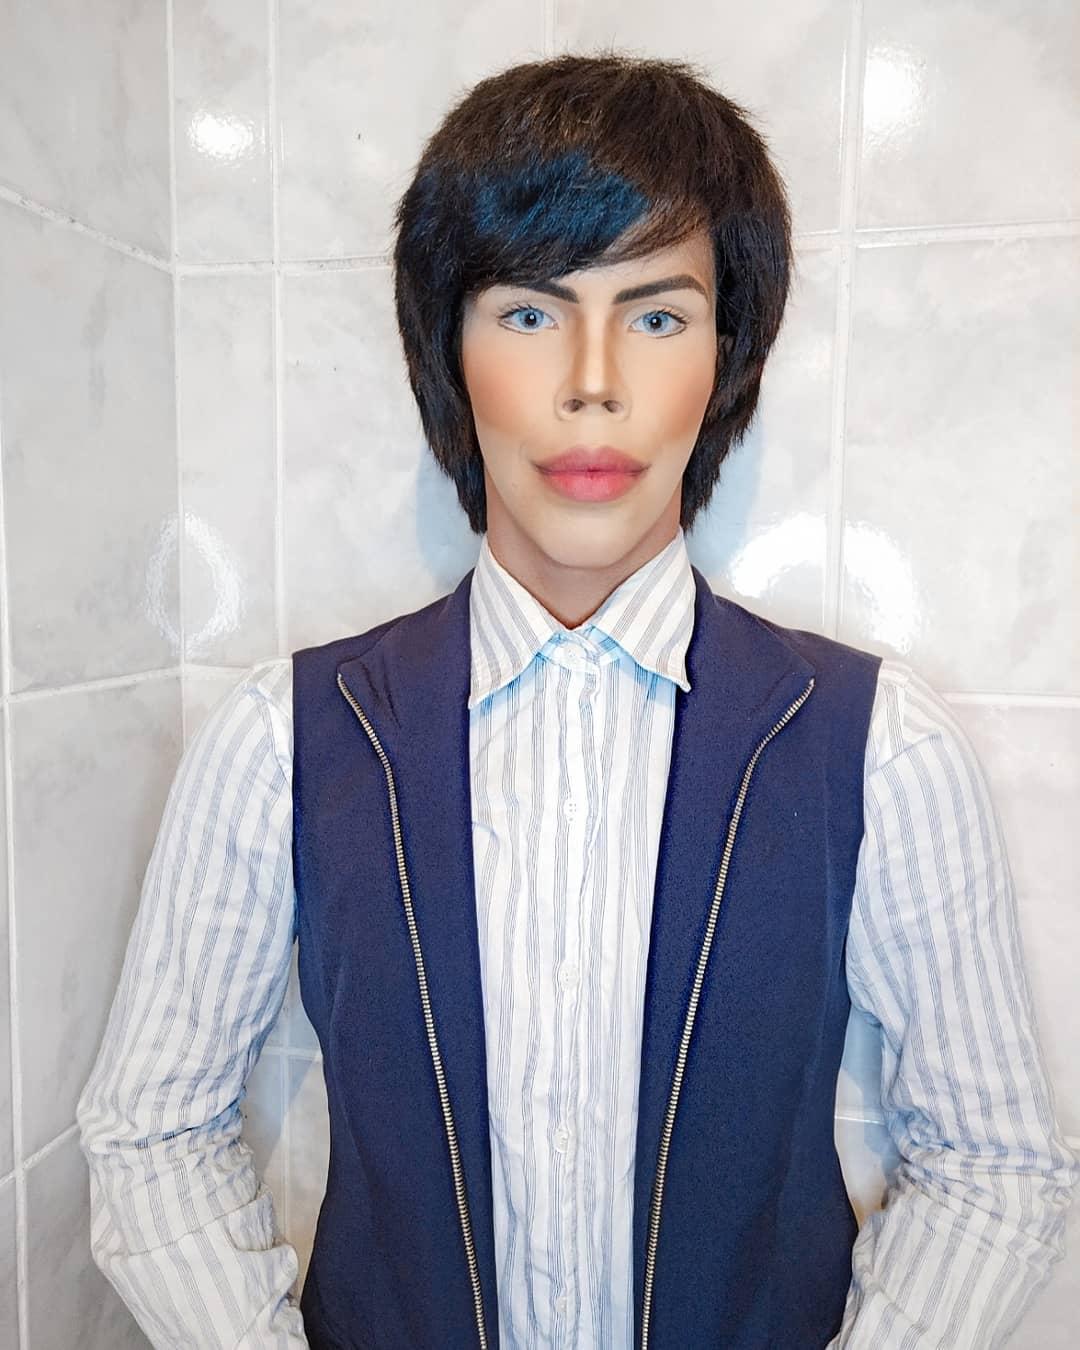 17-летний парень из Бразилии перевоплощается в кукольного Кена